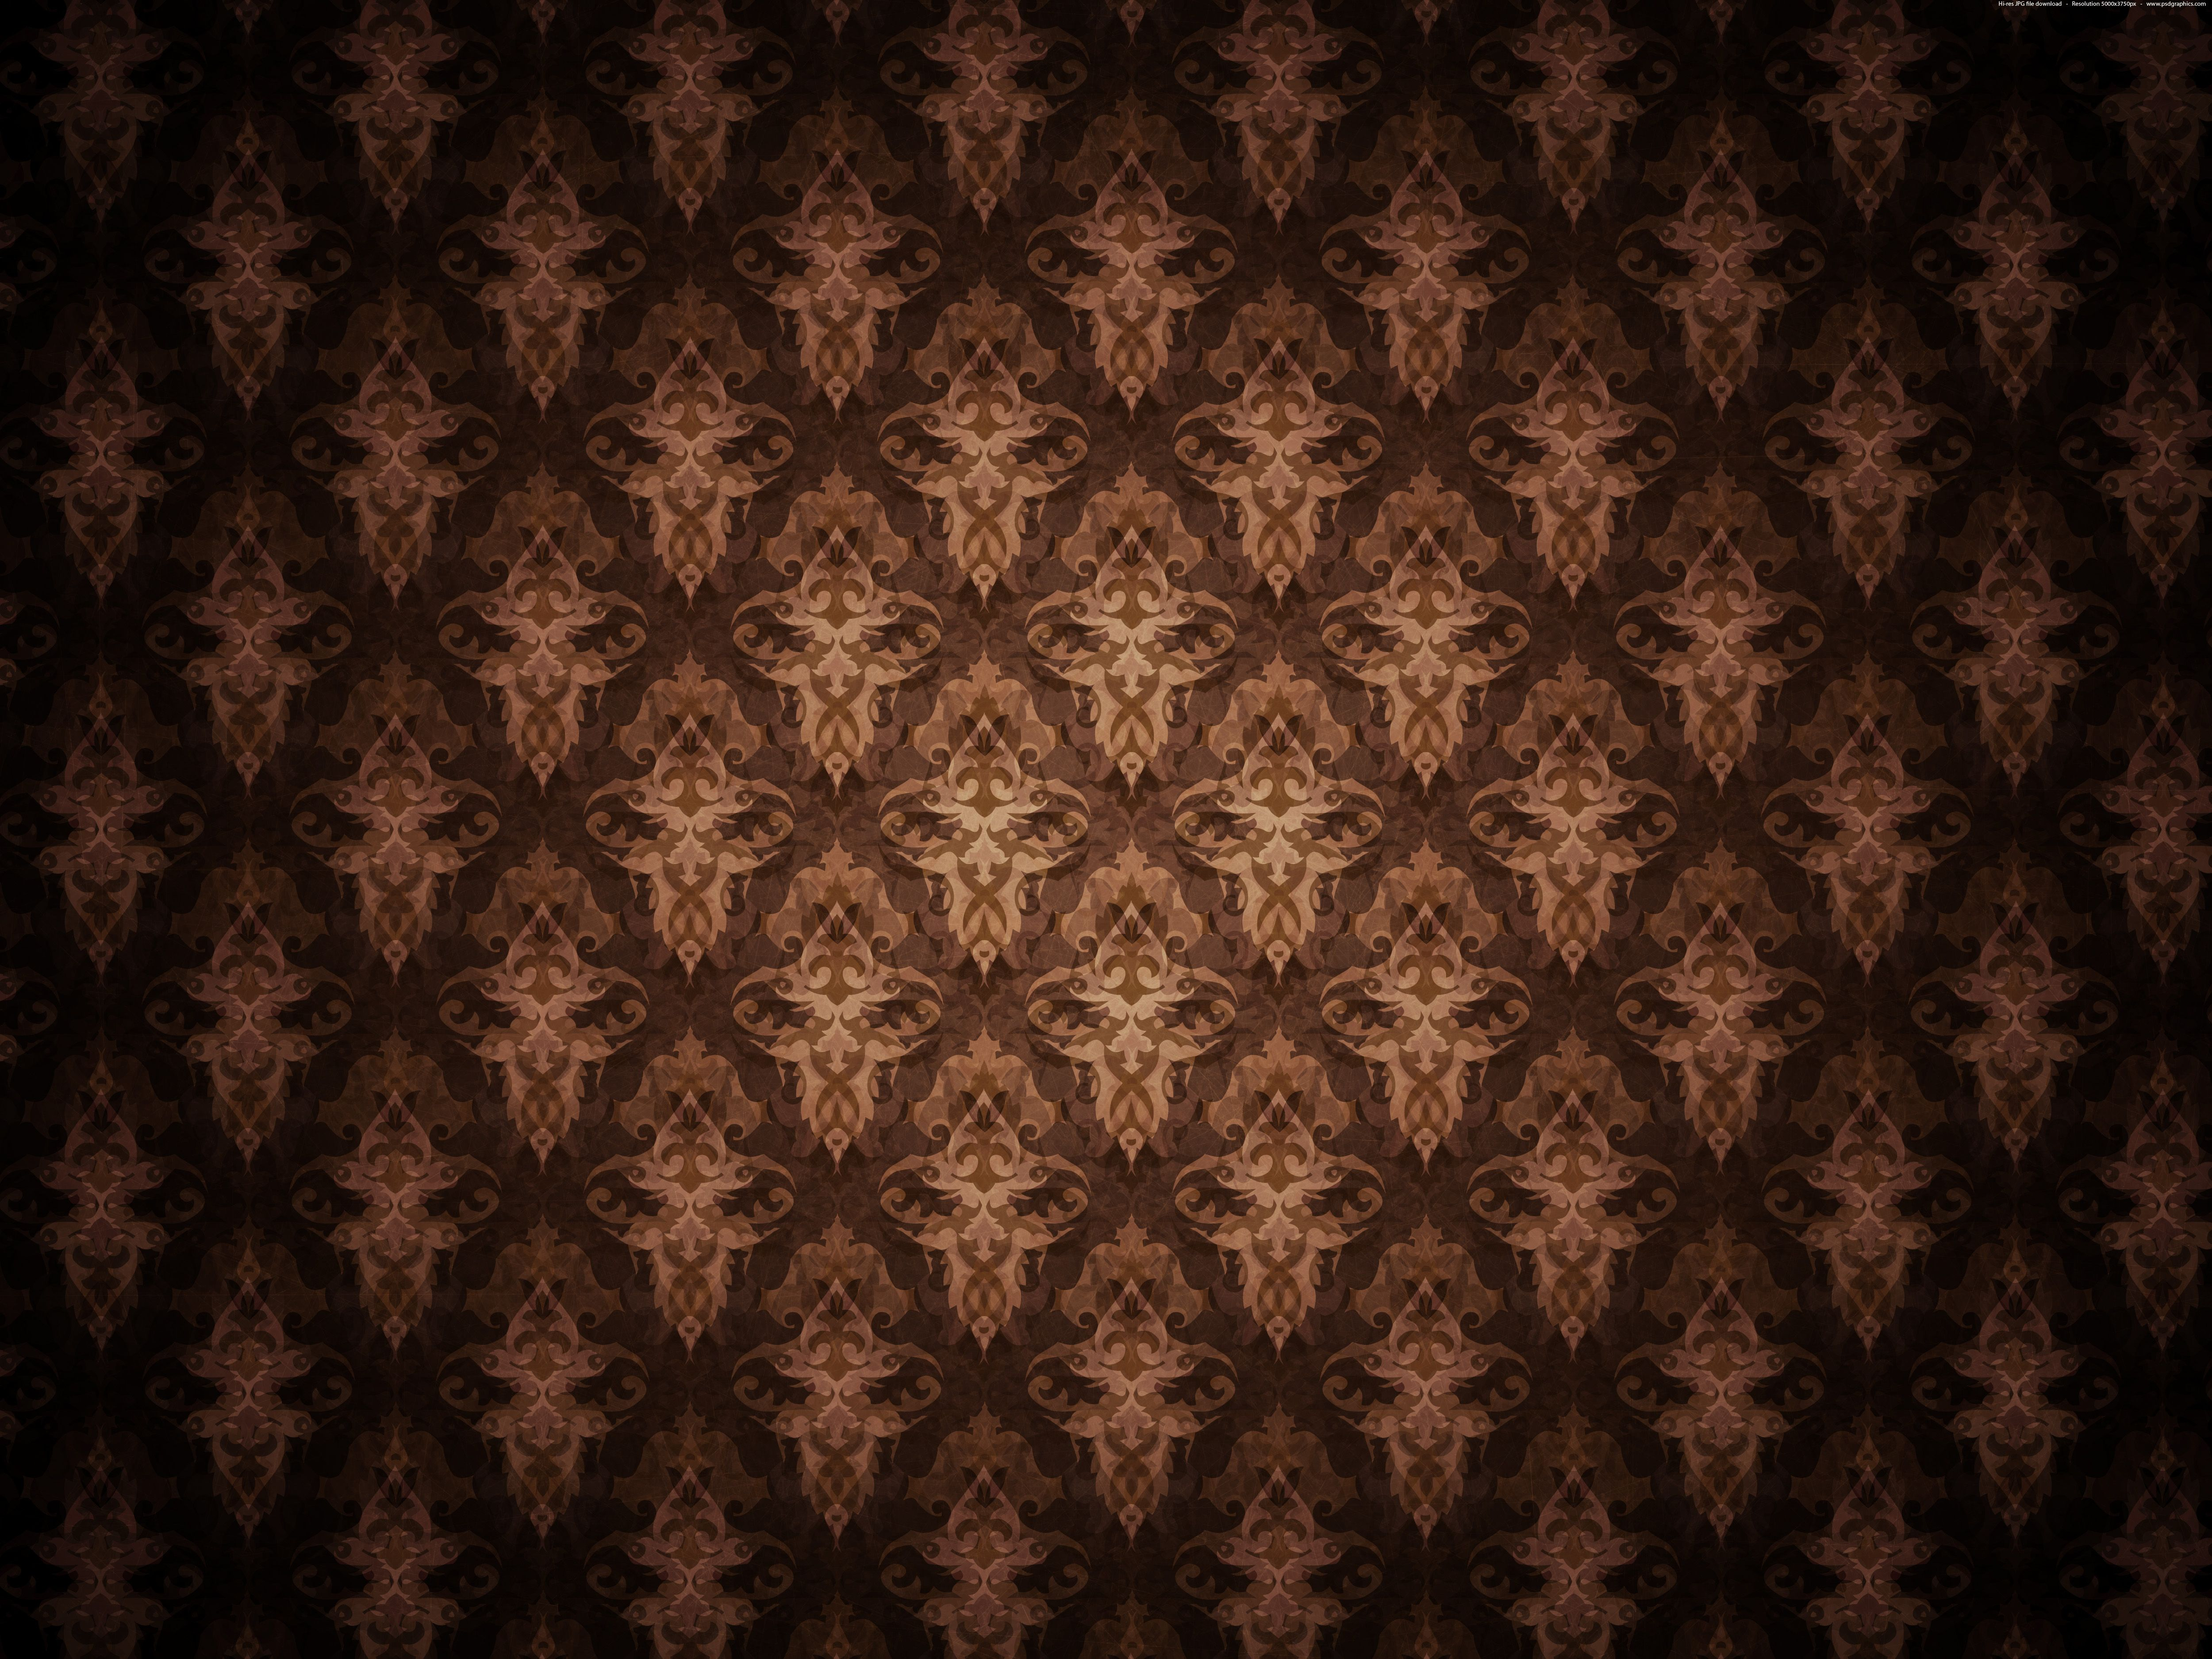 Antique Background Jpg 5000 3750 Textured Wallpaper Brown Wallpaper Antique Wallpaper